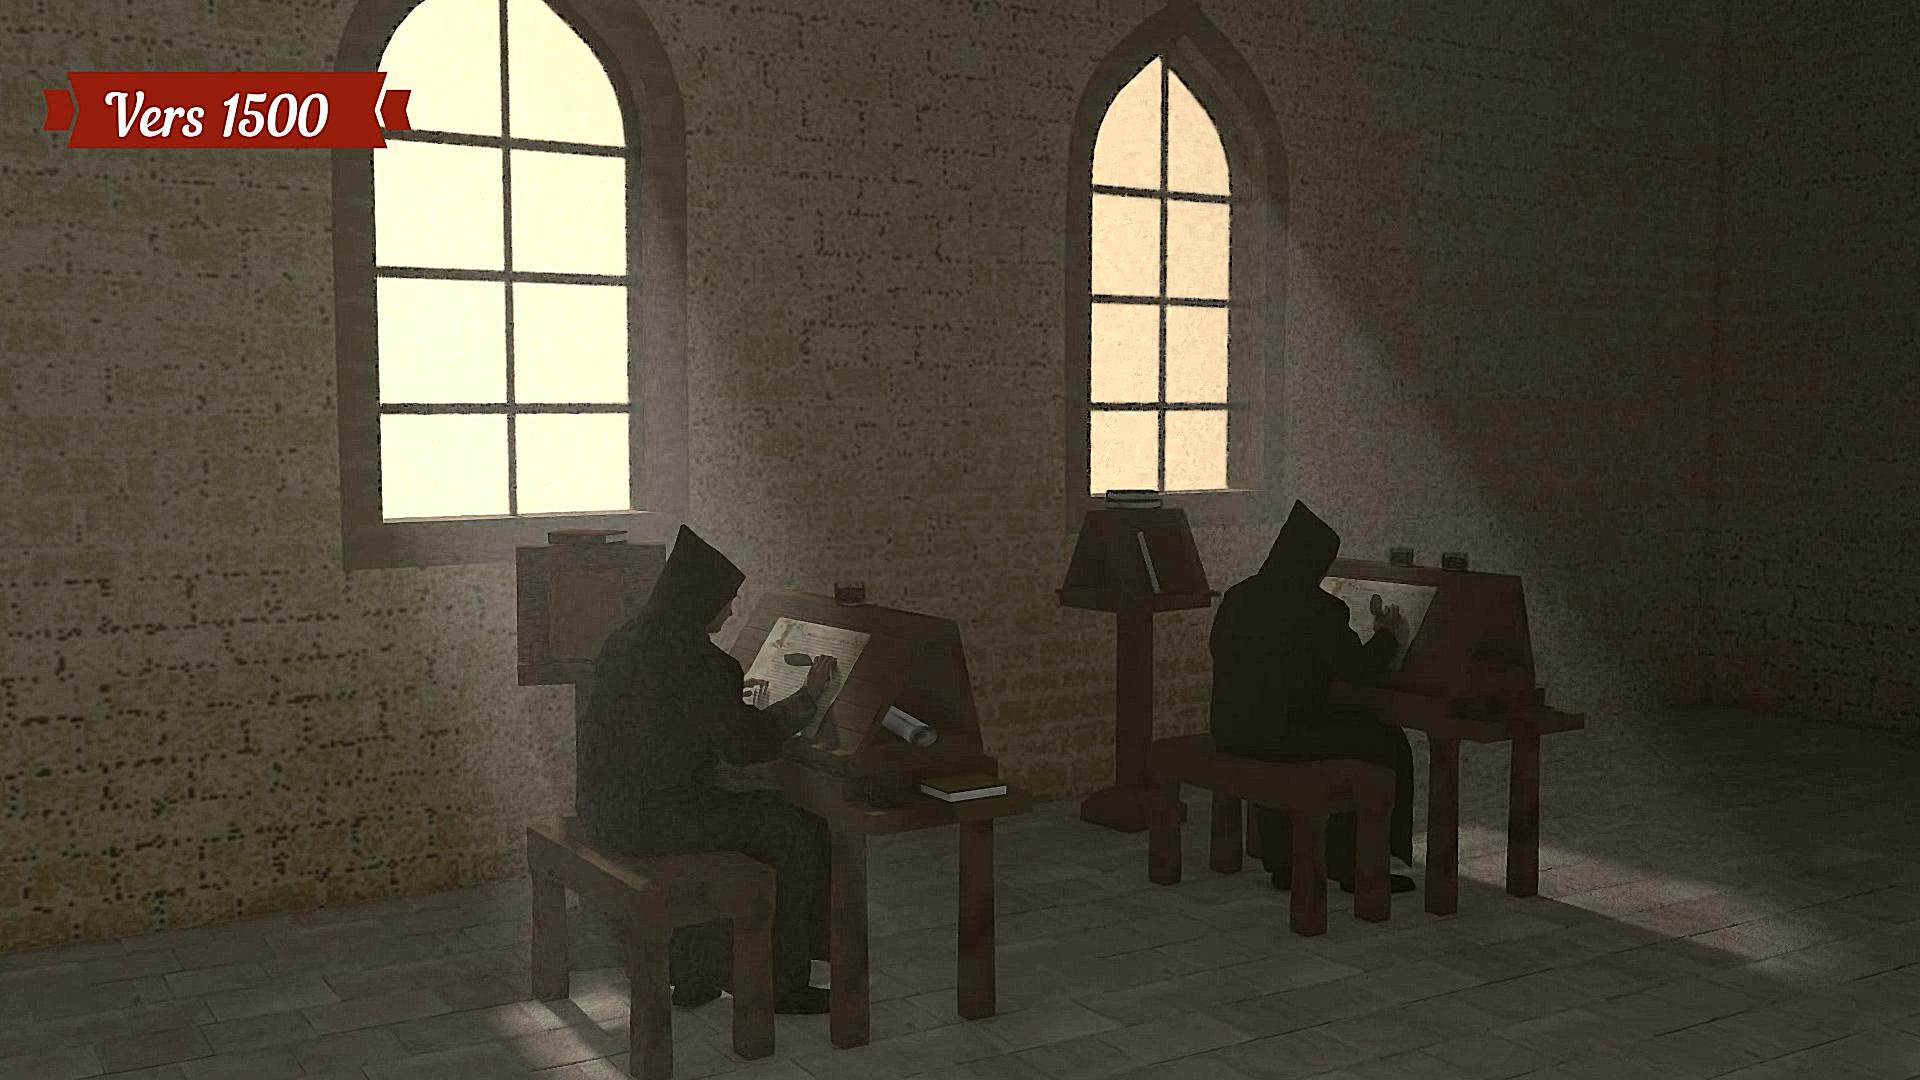 Le scriptorium en réalité virtuelle